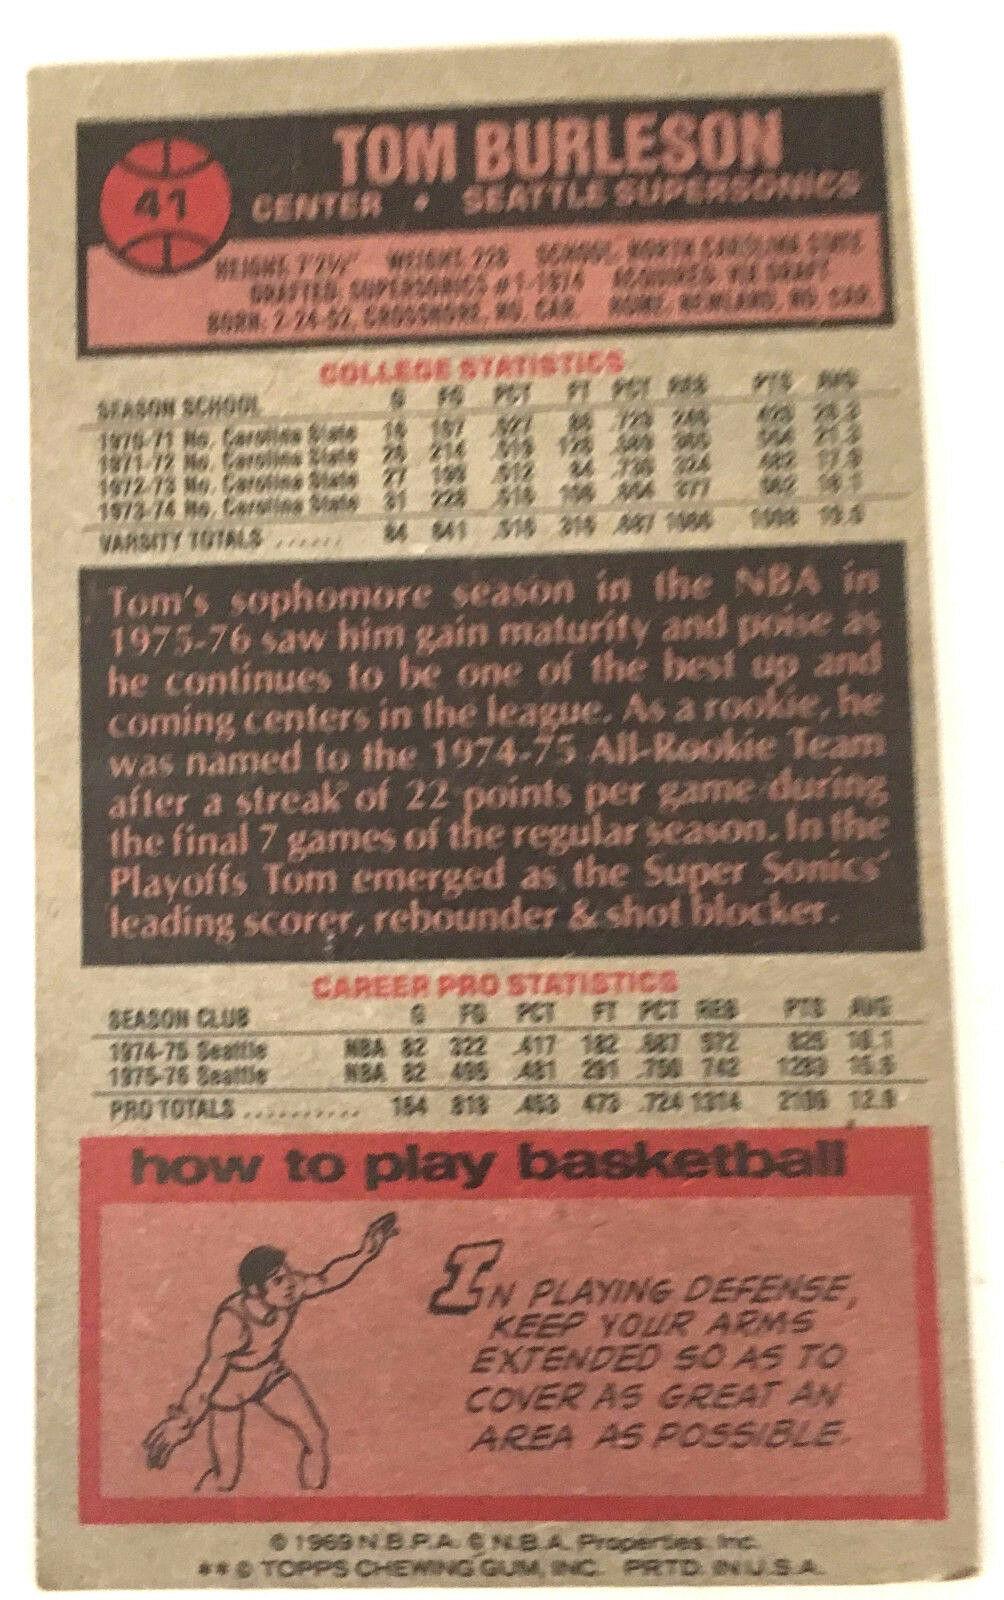 1976 Topps Basketball Sonics Tom Burleson #41